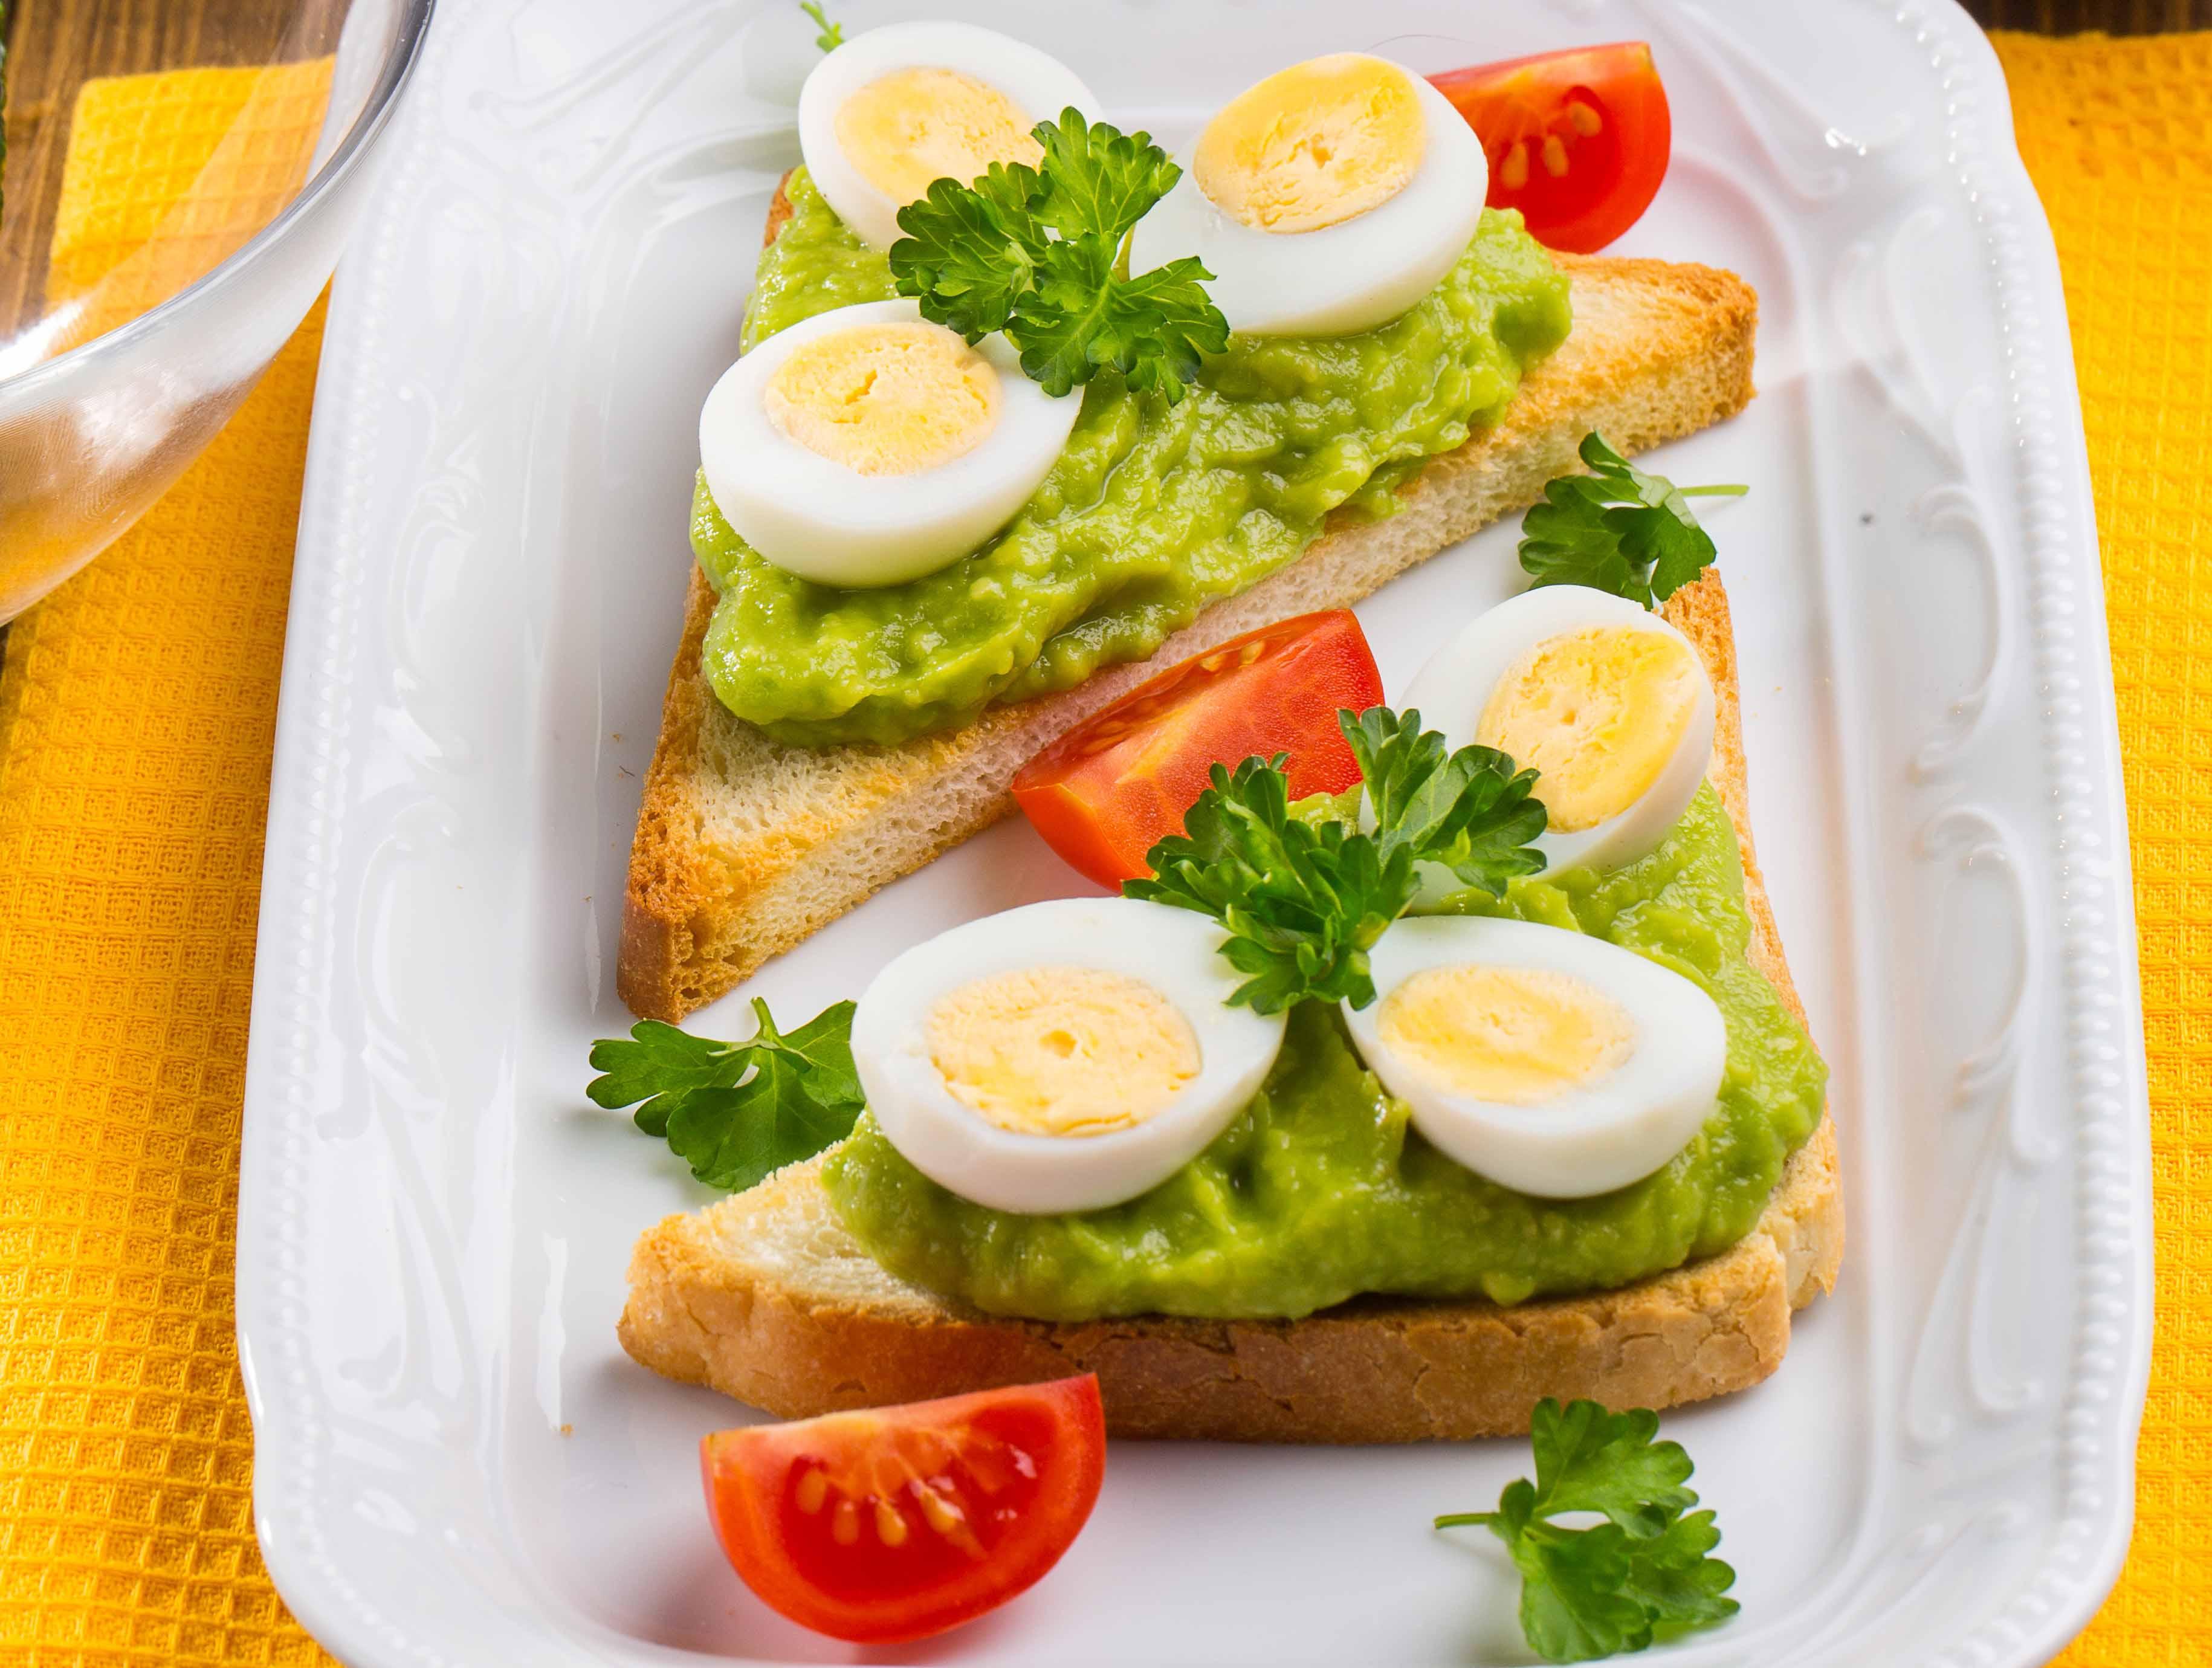 Перепелиные яйца сварите вкрутую, охладите проточной водой и очистите. Каждое яйцо разрежьте пополам Авокадо вымойте, очистите, удалите косточки, мякоть полейте лимонным соком и разомните...